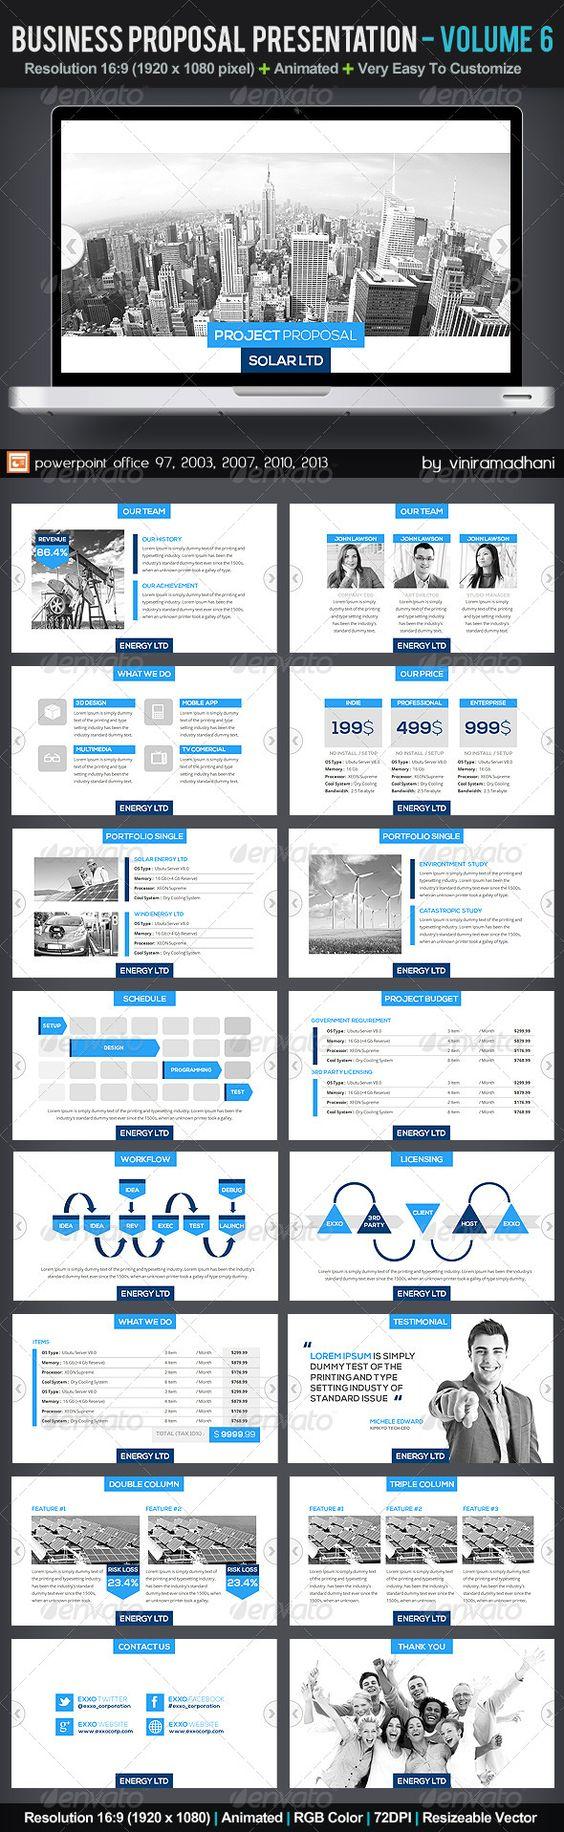 business proposal template microsoft word salonbeautyform com